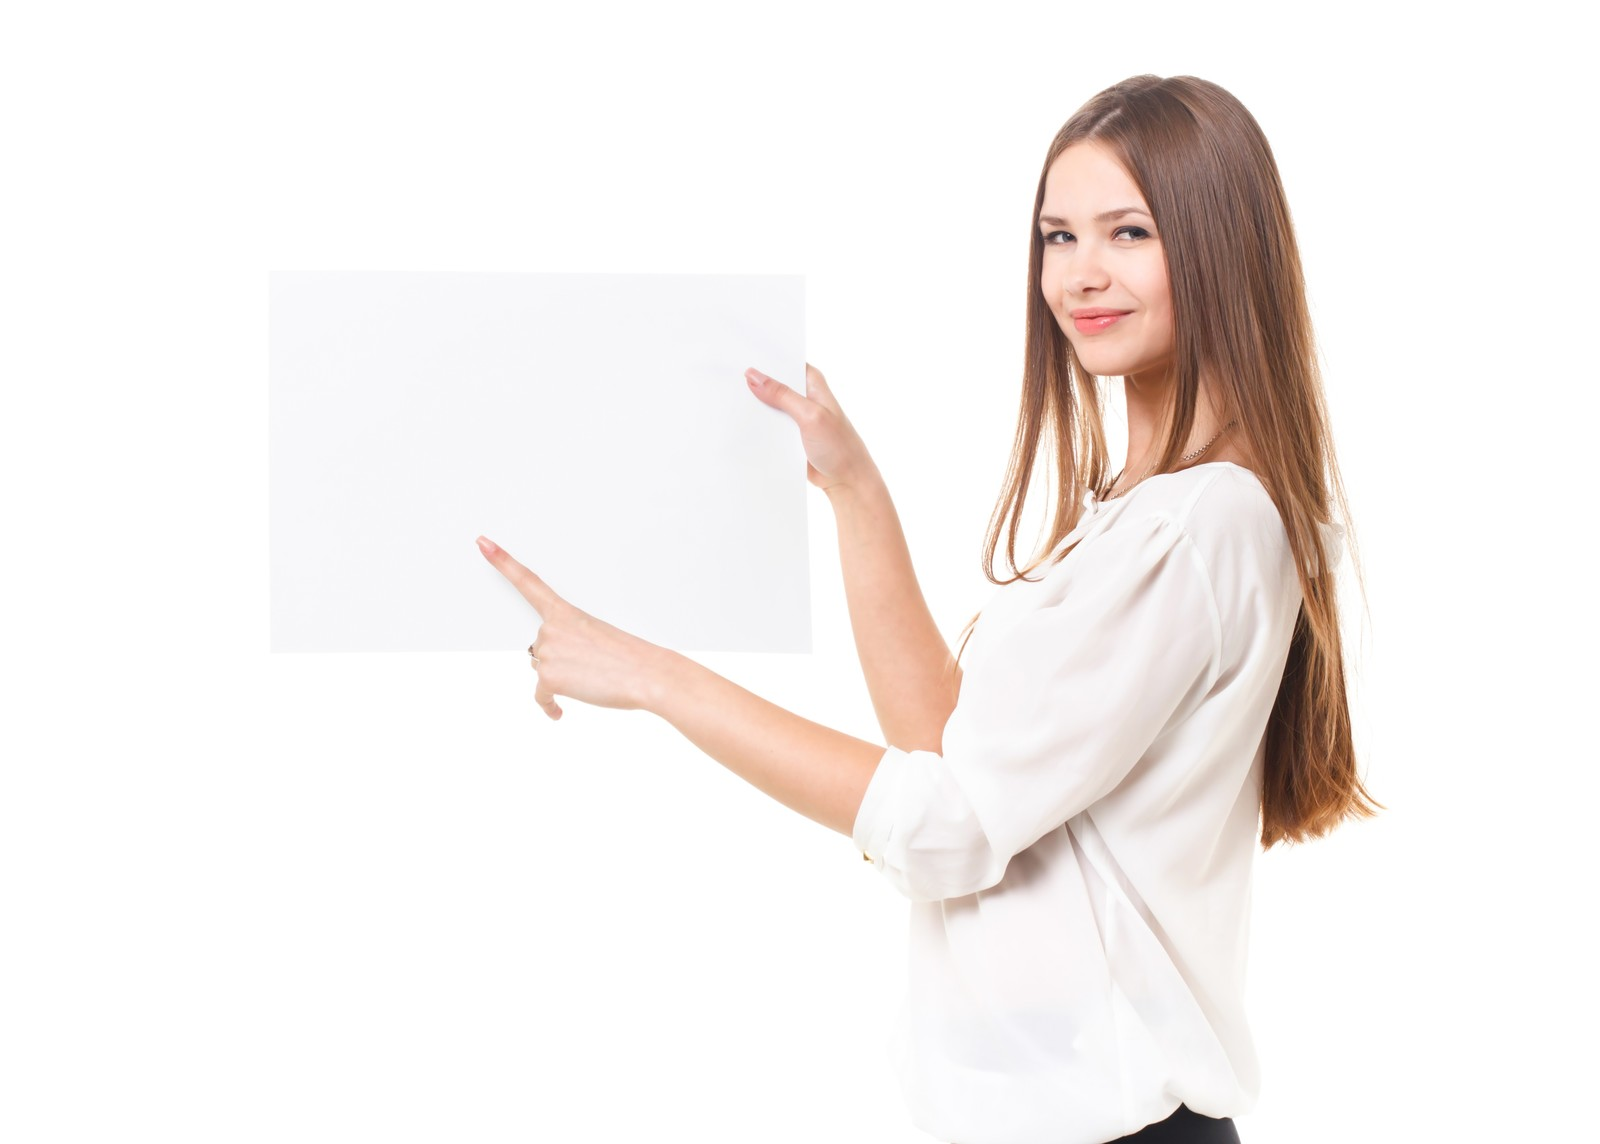 「白いボードに指をさす外国人の女性」の写真[モデル:モデルファクトリー]